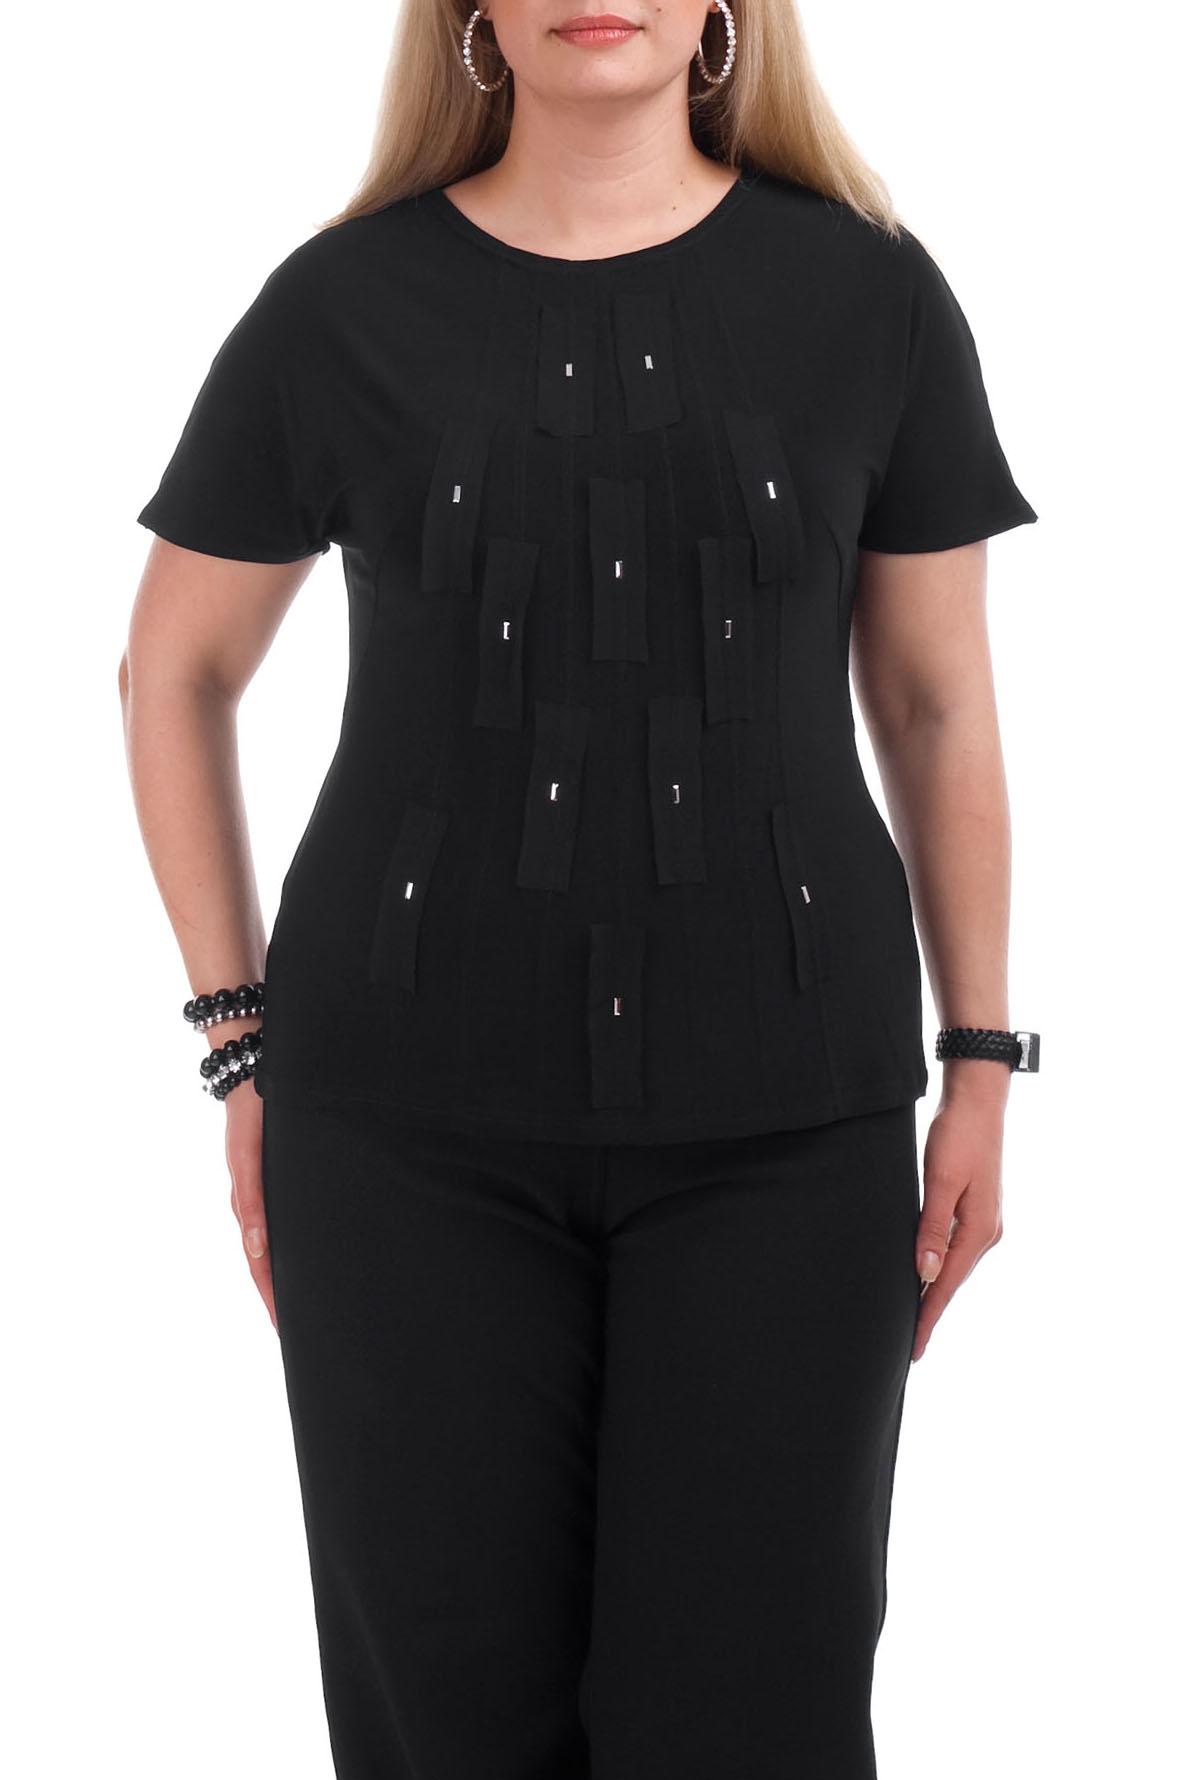 БлузкаБлузки<br>Прекрасная блузка с круглой горловиной и короткими рукавами. Модель выполнена из приятного материала. Отличный выбор для любого случая. Расположение декора может незначительно отличаться от картинки.  Цвет: черный  Рост девушки-фотомодели 173 см<br><br>Горловина: С- горловина<br>По материалу: Вискоза,Трикотаж,Шифон<br>По рисунку: Однотонные<br>По сезону: Весна,Всесезон,Зима,Лето,Осень<br>По силуэту: Полуприталенные<br>По стилю: Повседневный стиль,Летний стиль<br>По элементам: С декором<br>Рукав: Короткий рукав<br>Размер : 68<br>Материал: Холодное масло + Шифон<br>Количество в наличии: 1